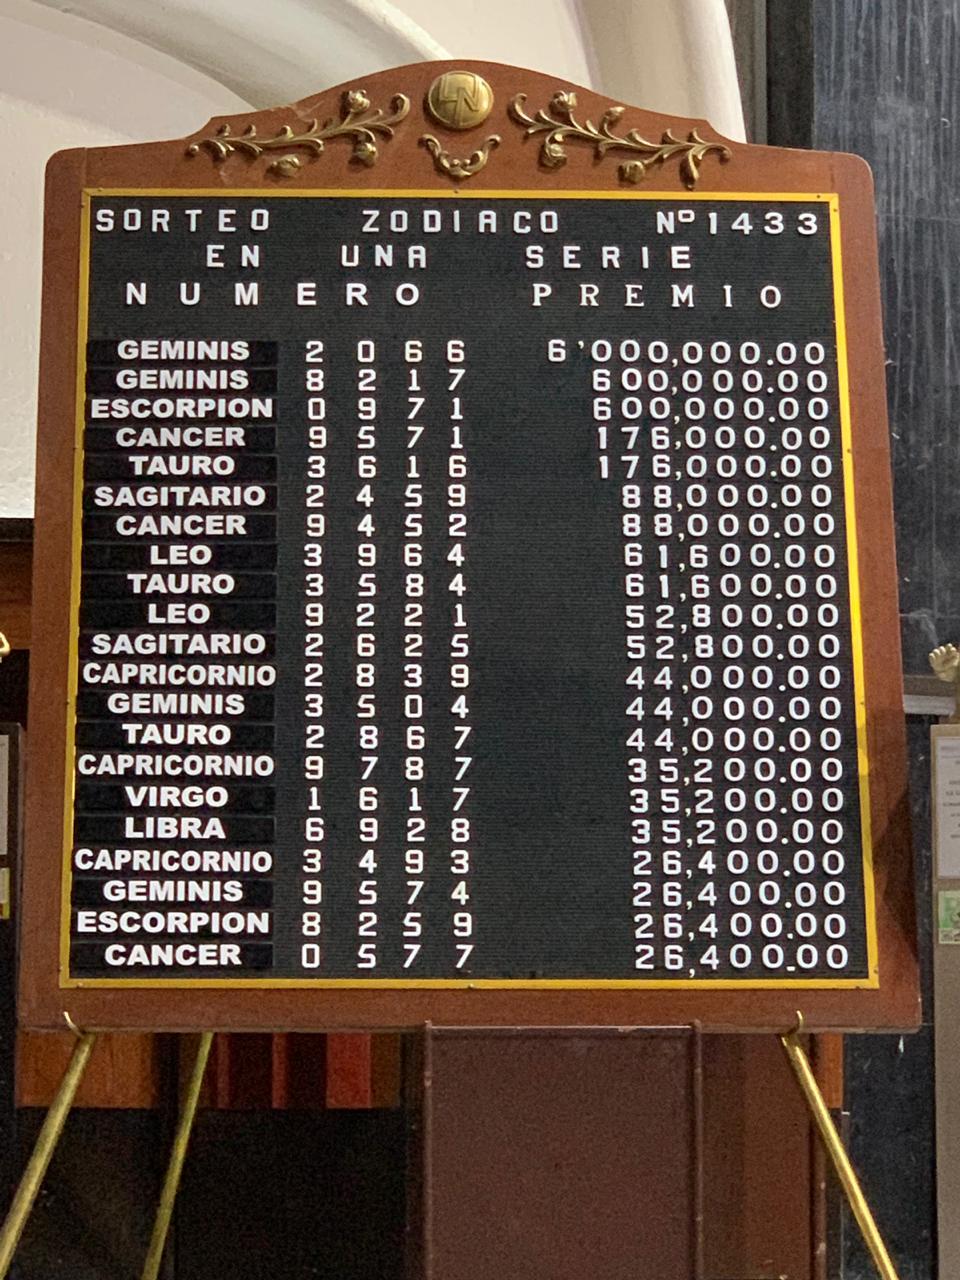 Resultado Sorteo Zodiaco 1433